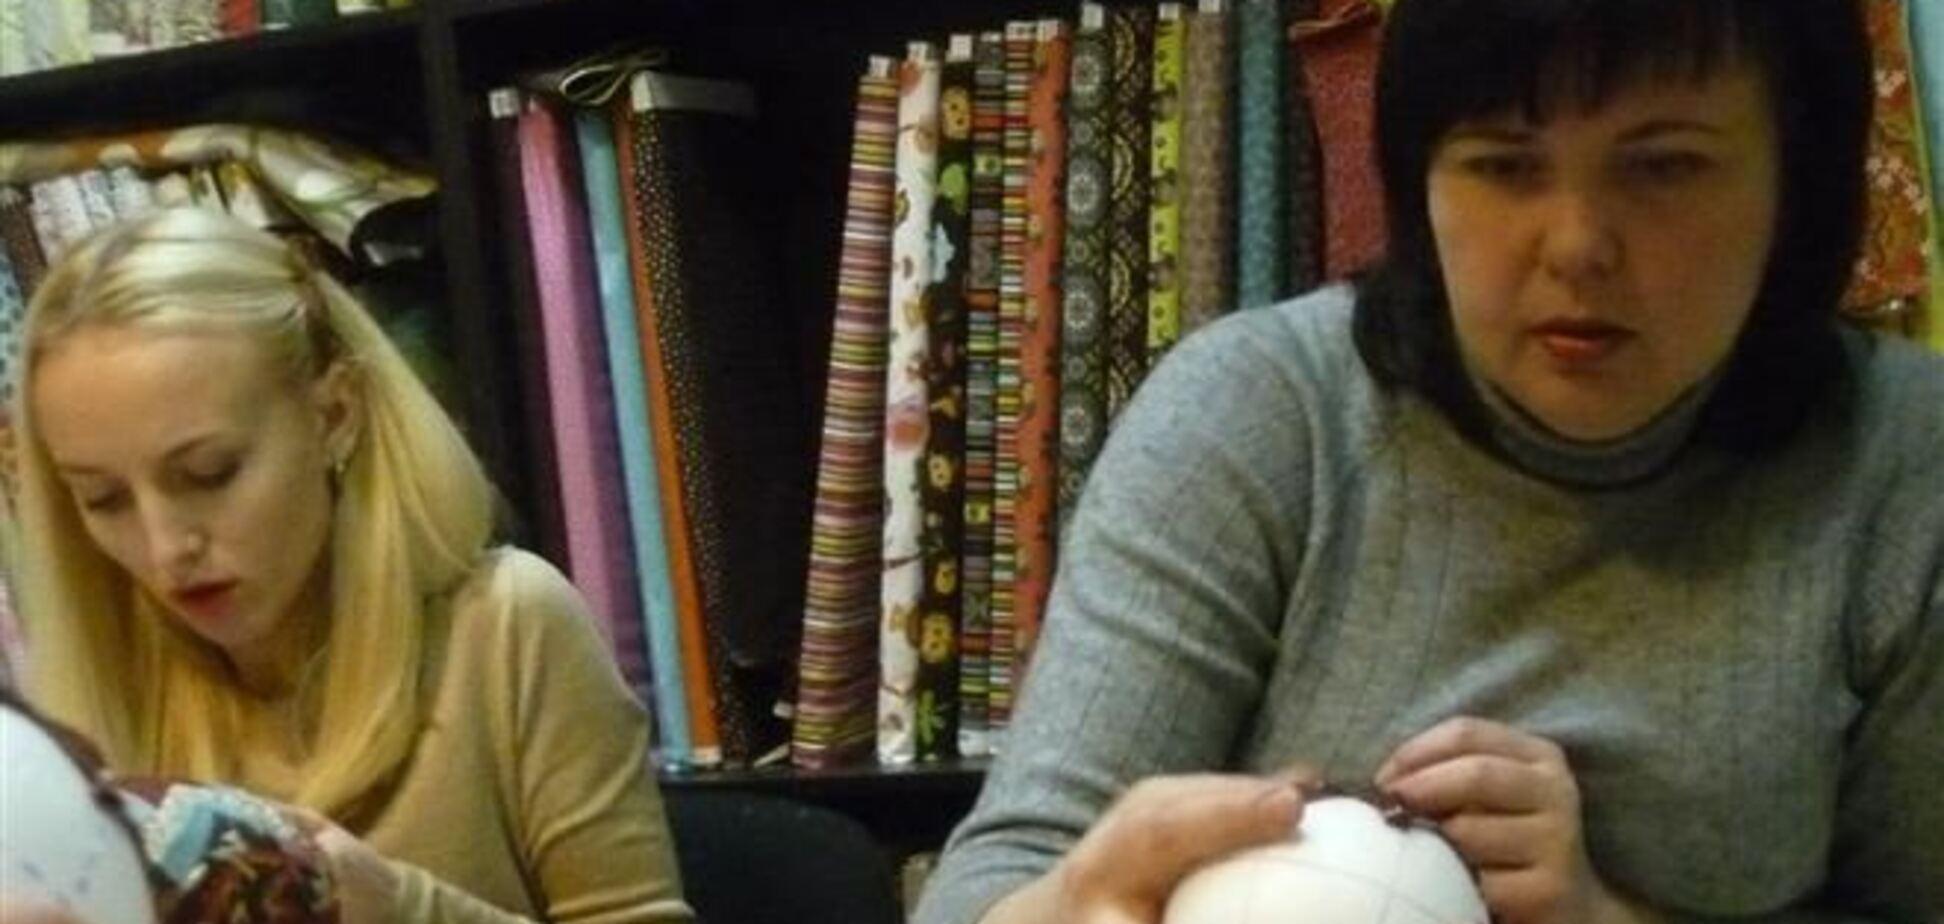 Елена Татаринова: 'Пэчворк позволяет почувствовать себя художником'